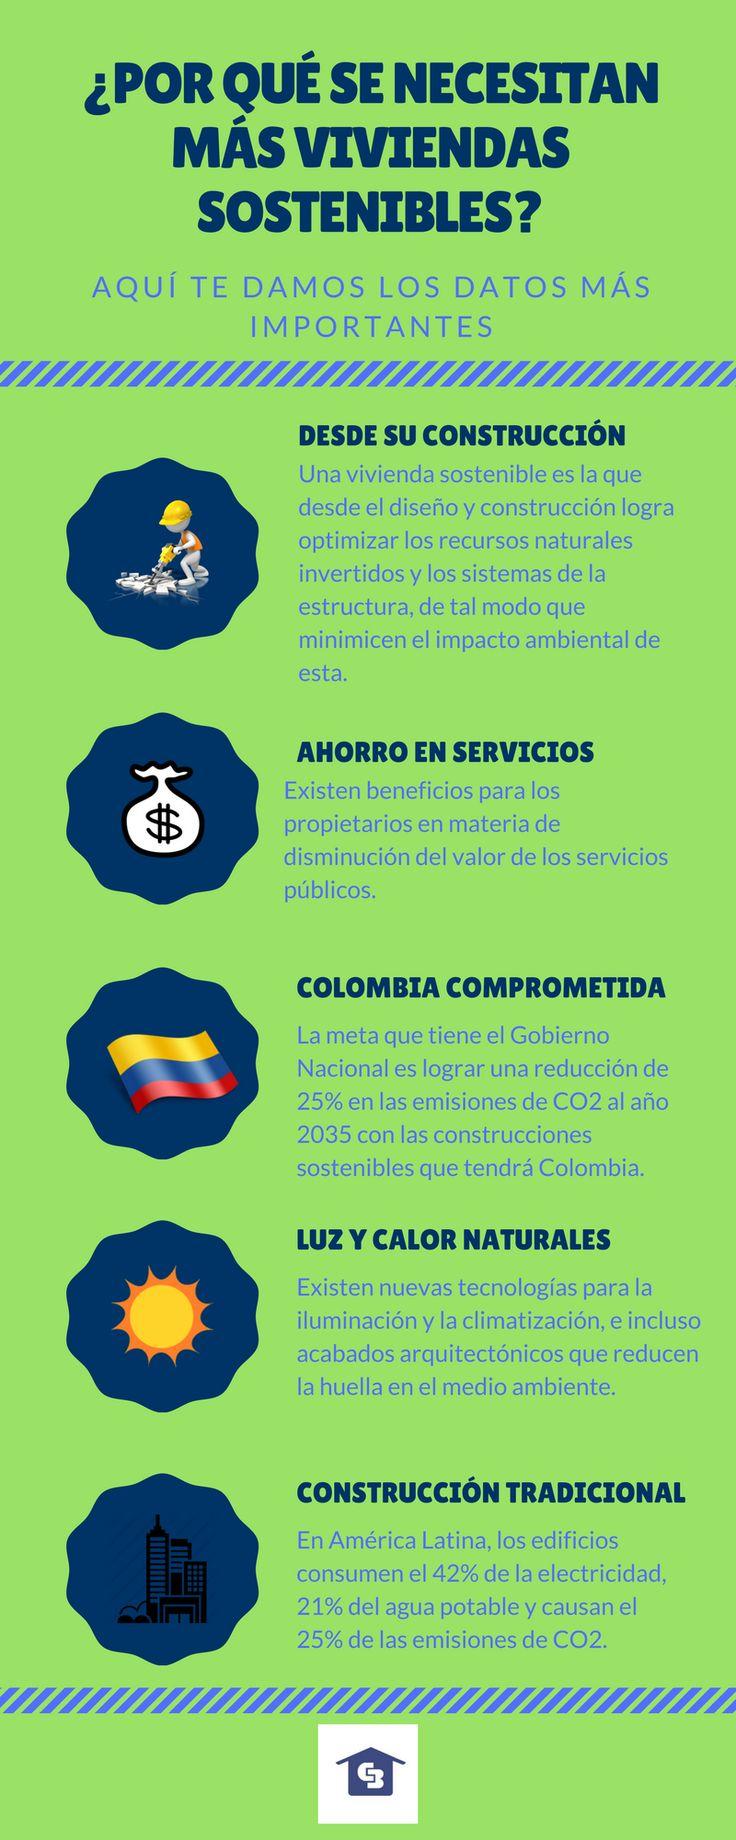 """""""Coldwell Banker - Casas Sostenibles, te invitamos a conocer sobre esta nueva tendencia. #lainmobiliariaazul #cbcolombia  #consumoresponsable"""""""